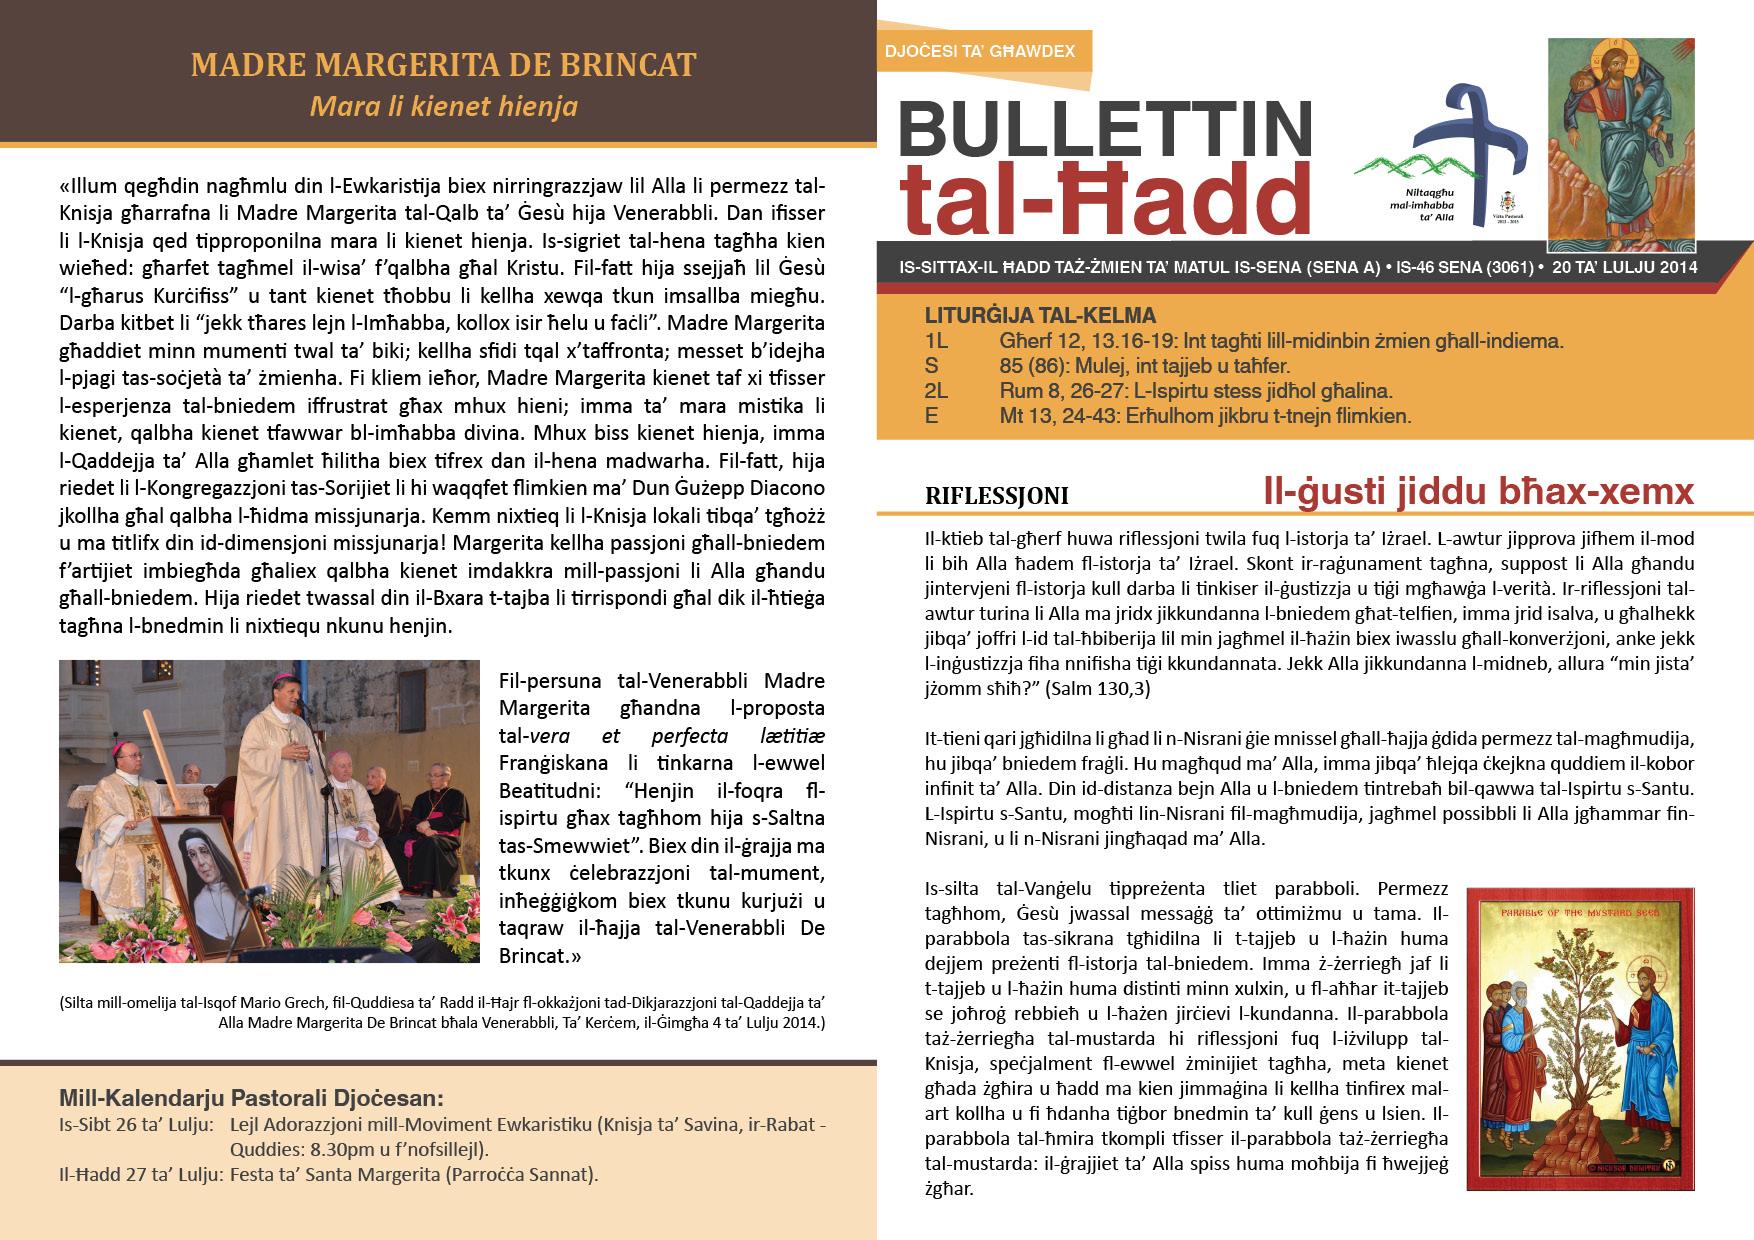 bullettin-2014-lulju-20.jpg